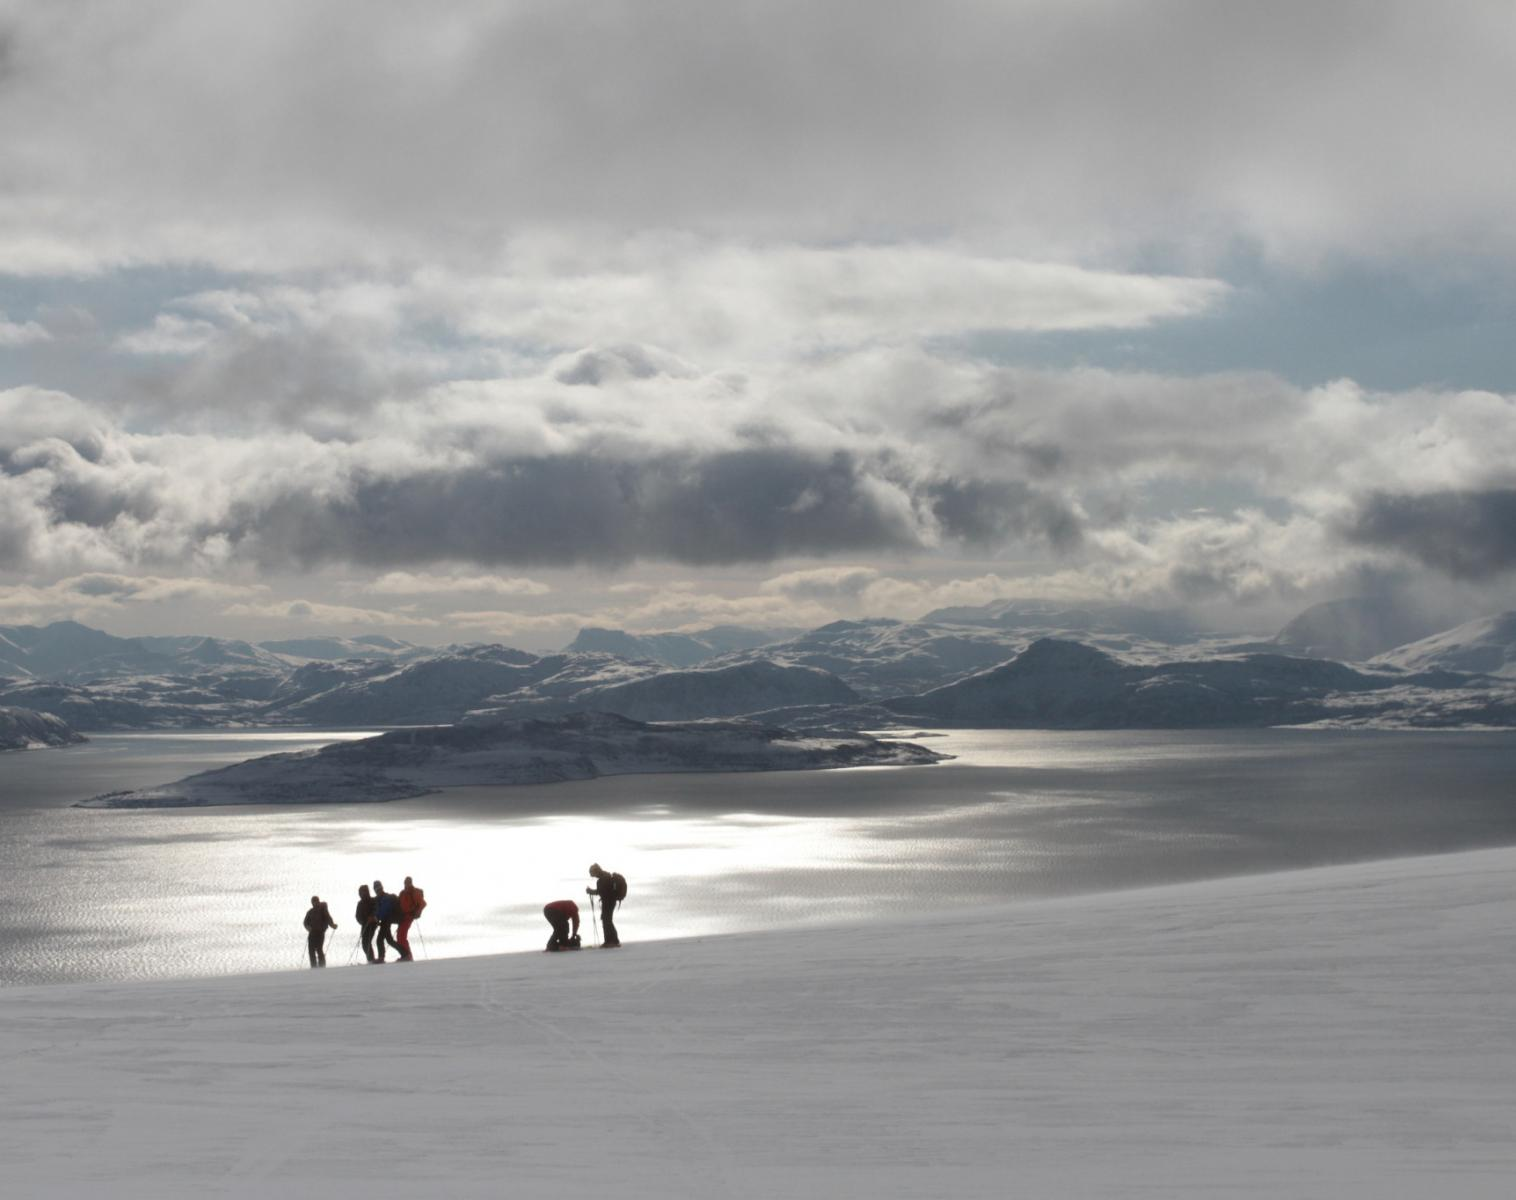 Norvège  Ski Voile en Norvège dans les Alpes de Lyngen